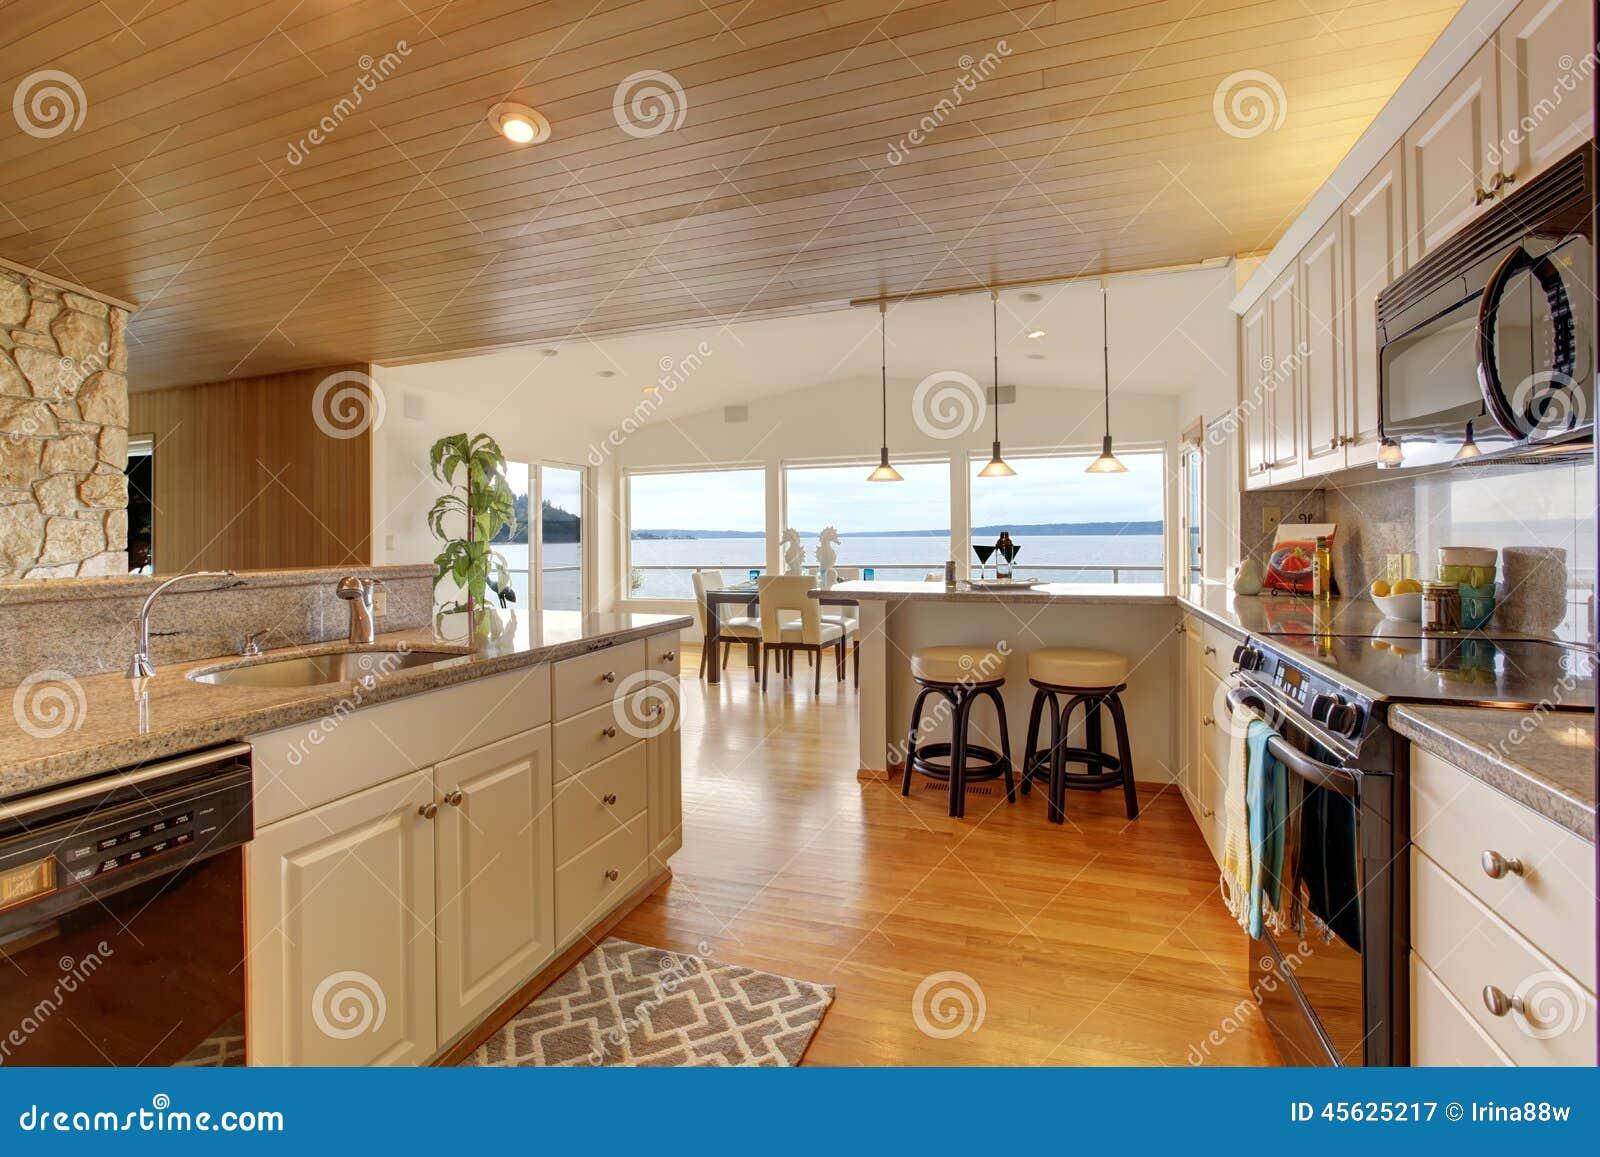 R gion de cuisine avec le plafond et le plancher en bois - Cuisine plancher bois ...